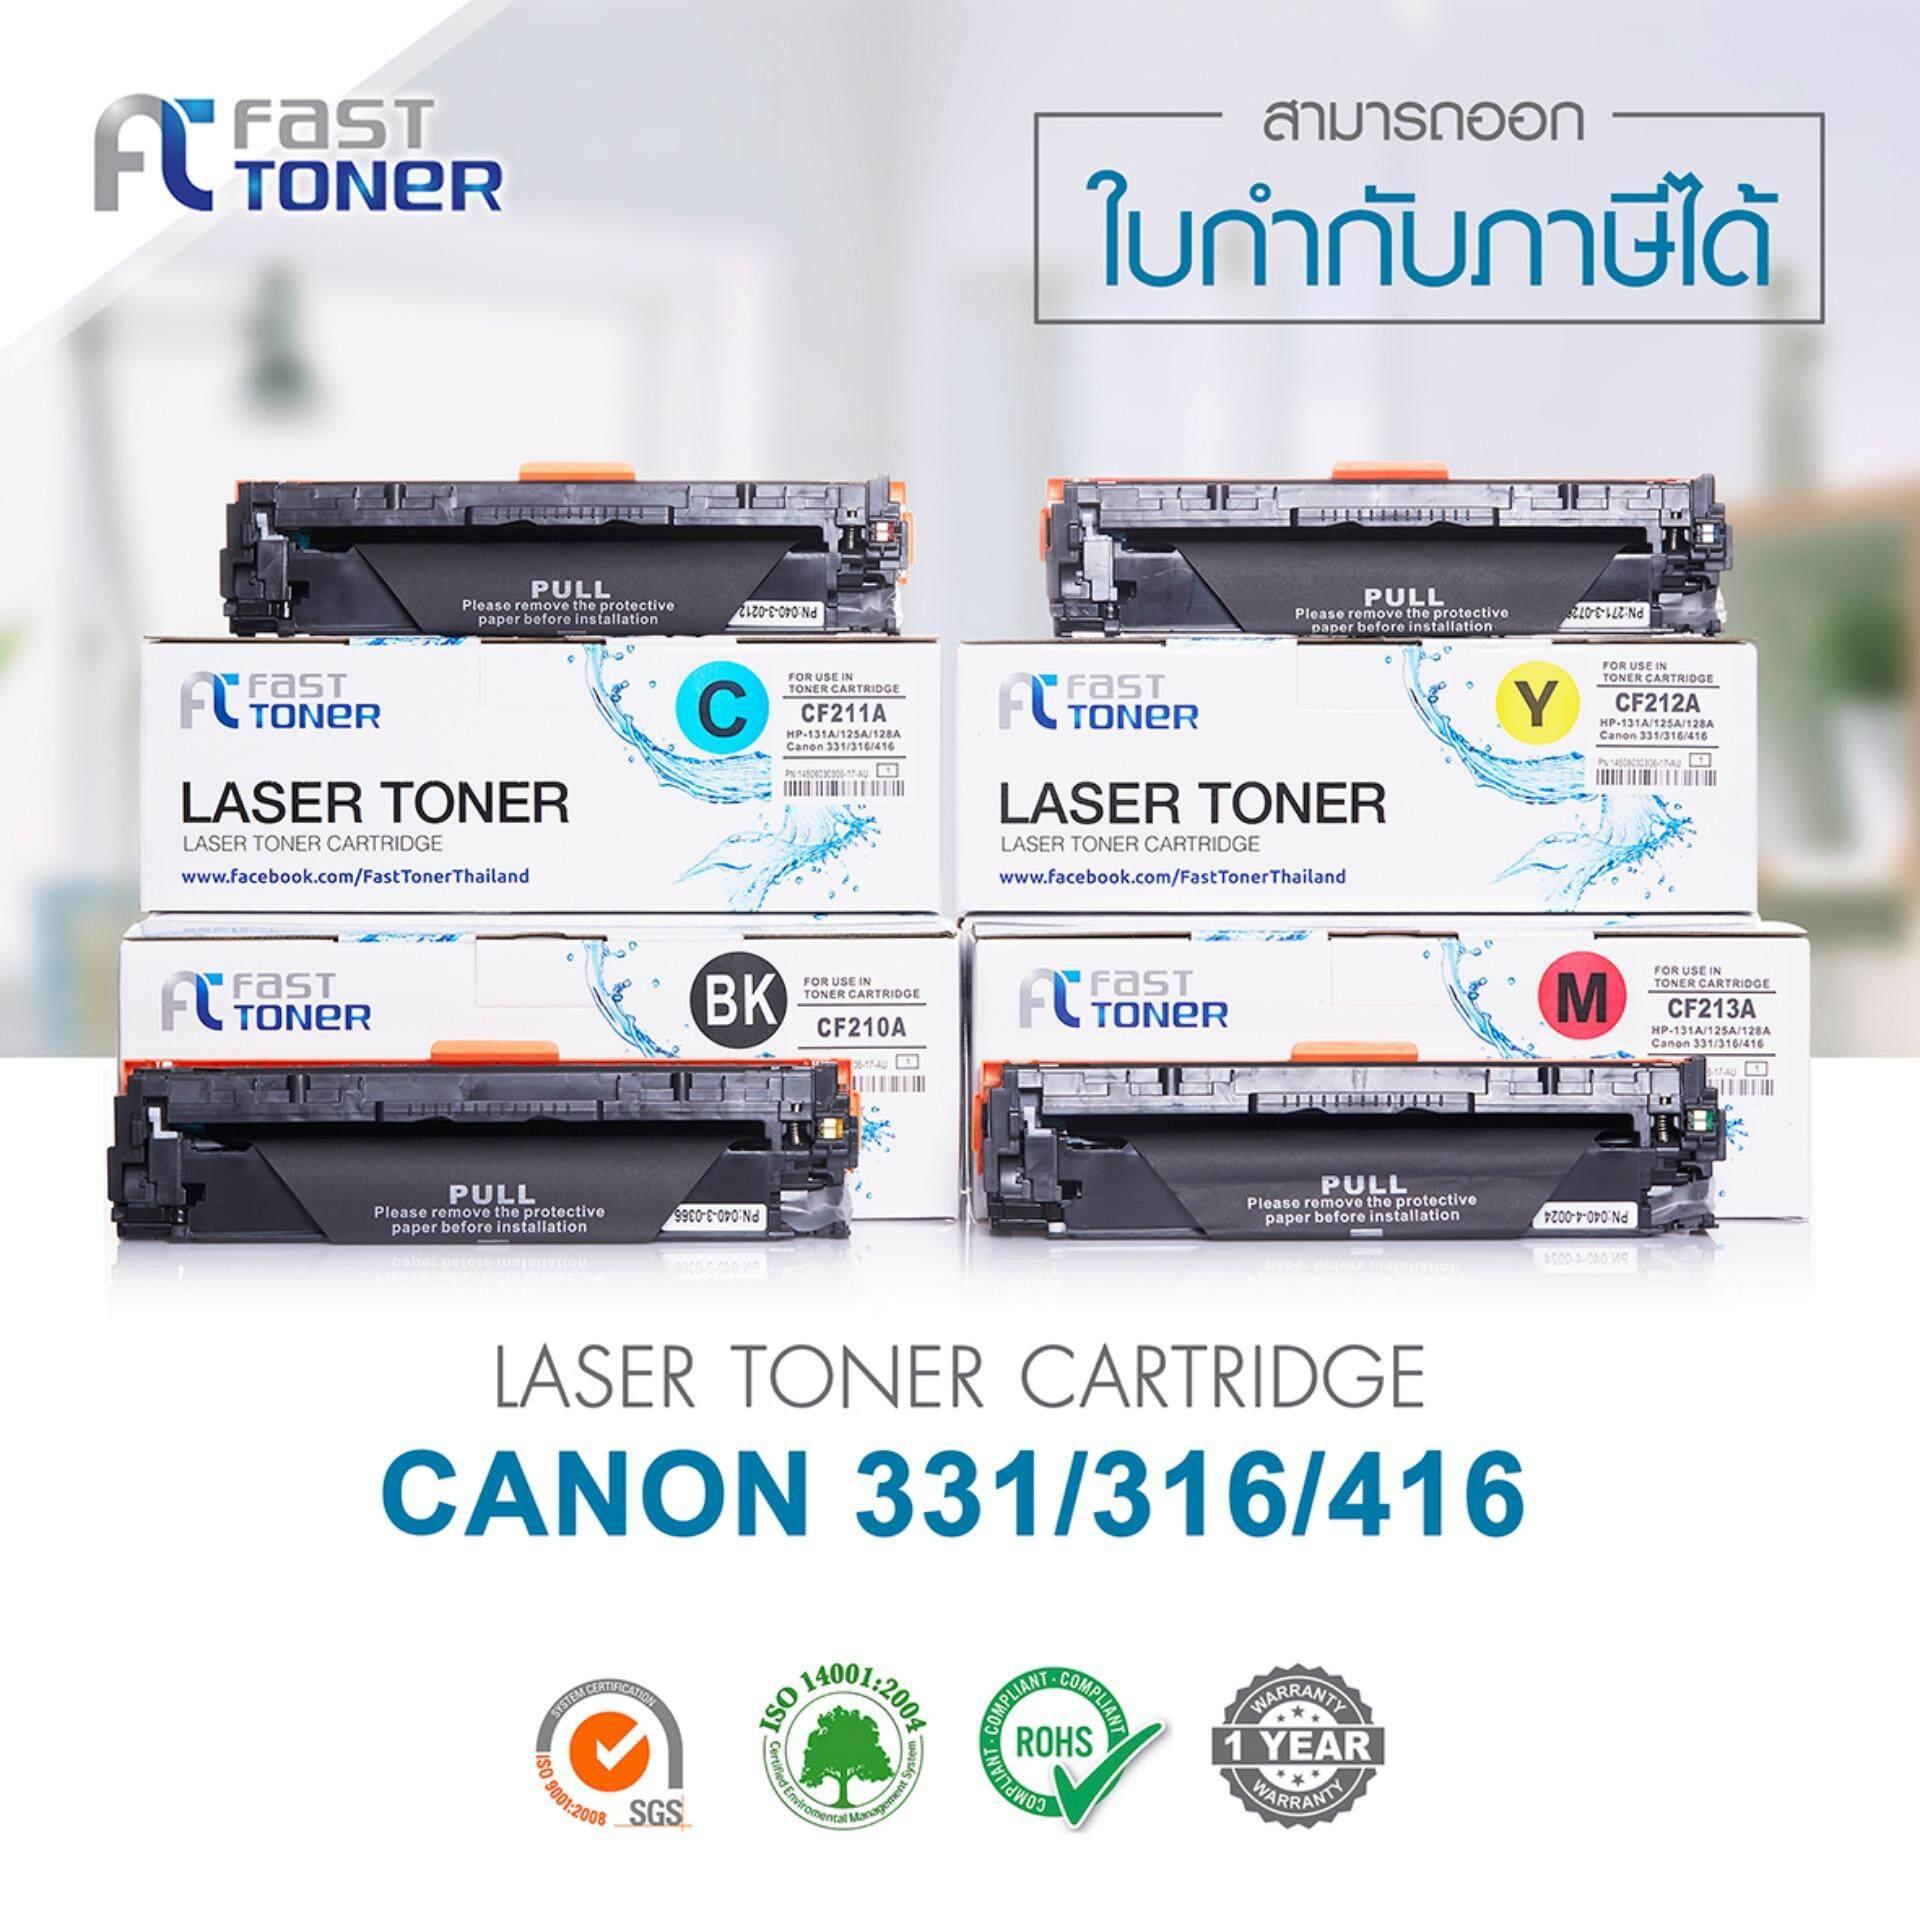 ซื้อ Fast Toner Canon ตลับหมึกเทียบเท่า Canon Cartridge 331 ชุด 4 สี สีดำ สีฟ้า สีเหลือง สีแดง สำหรับปริ๊นเตอร์เลเซอร์ Hp Laserjet Pro 200 Color M251Nw M276 Canon Laser Shot Lbp 7100 7110 ถูก